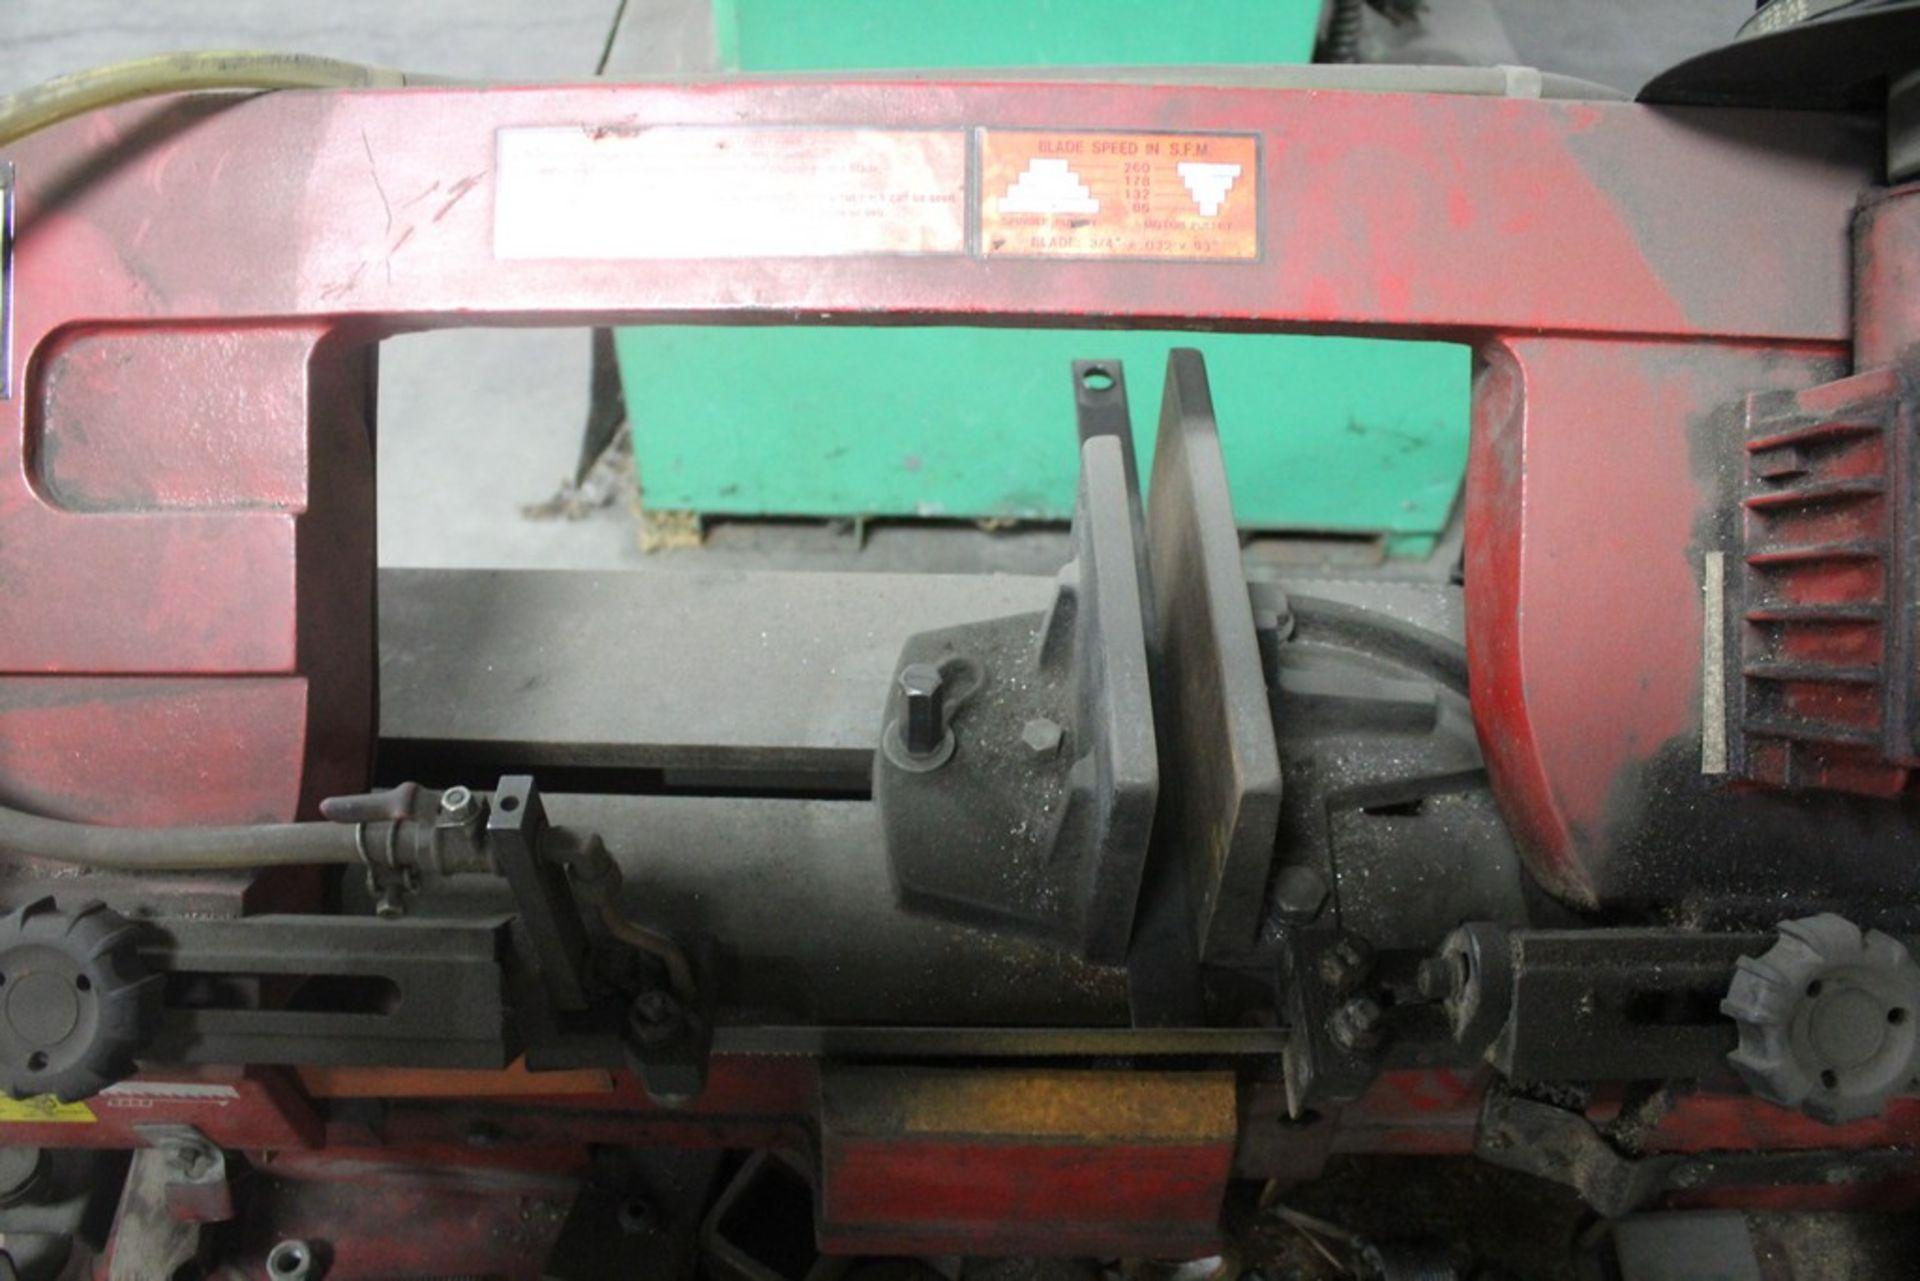 """Lot 24 - Grand Rapids Industrial Model 75584 7"""" Horizontal Metal Cutting Bandsaw,Serial Number: 8064121 ("""